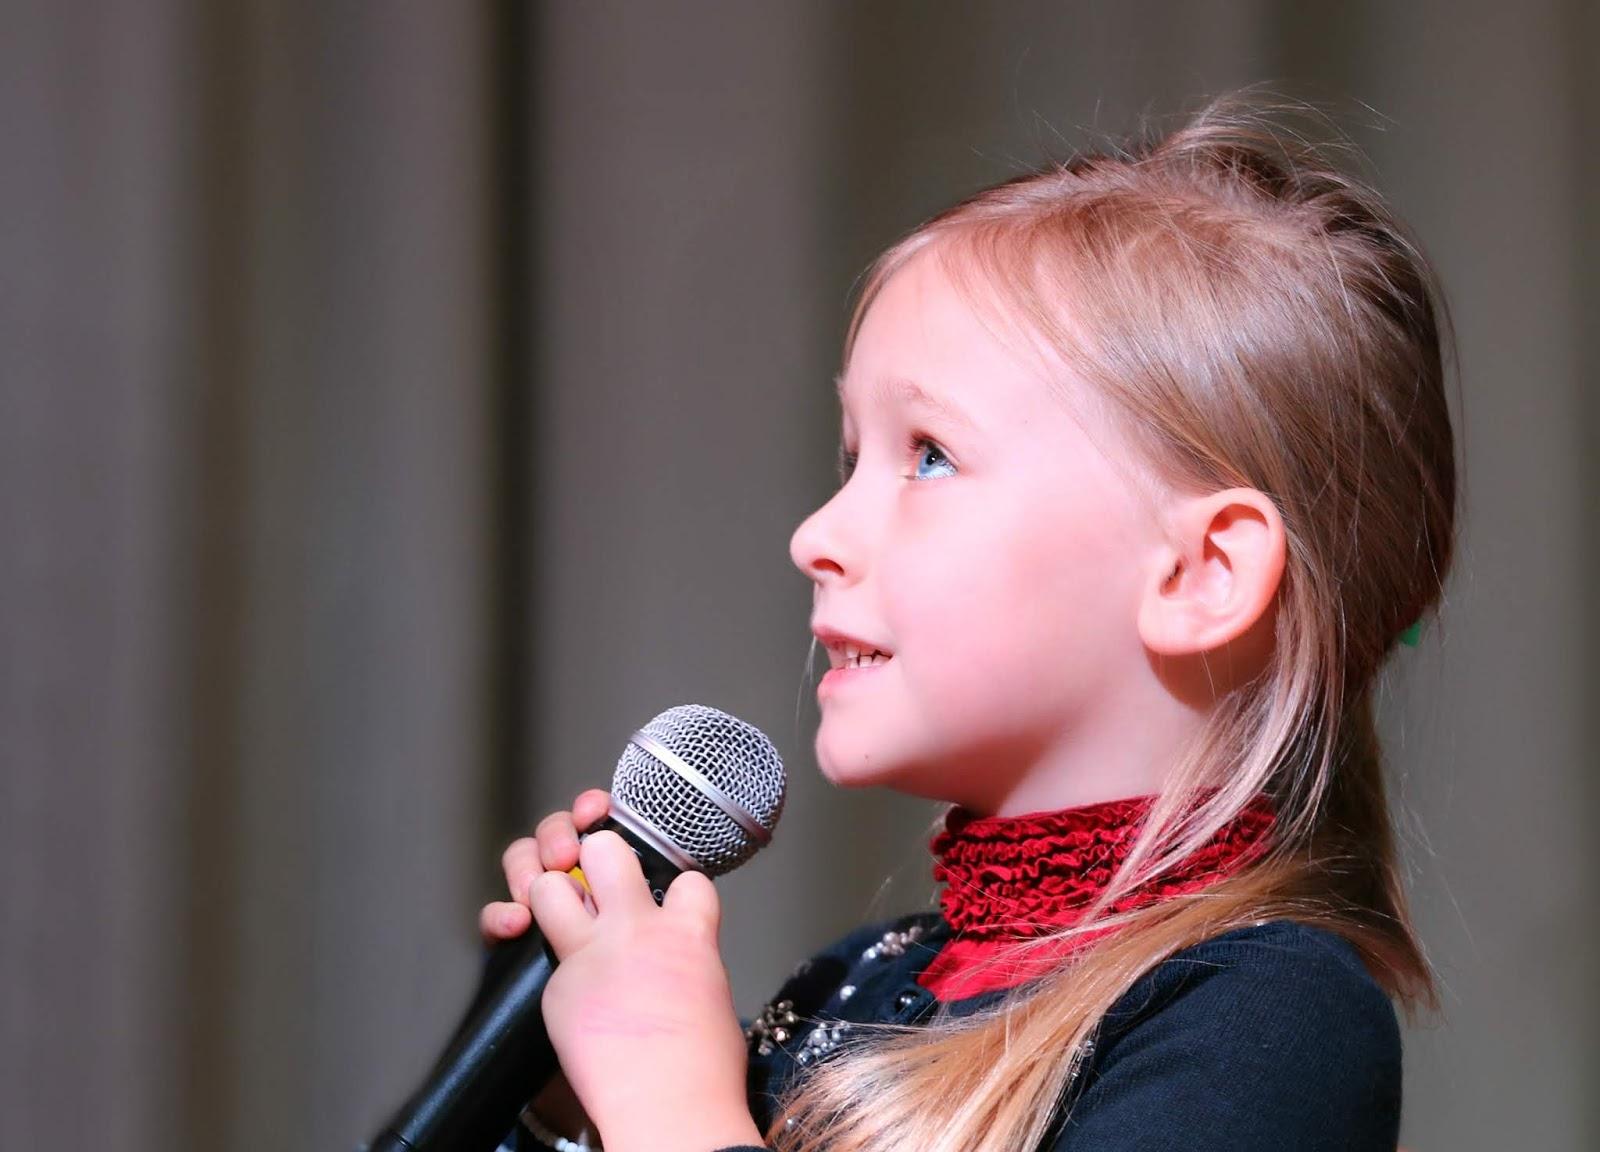 Dialog cu adolescenți din Europa | UNICEF Romania